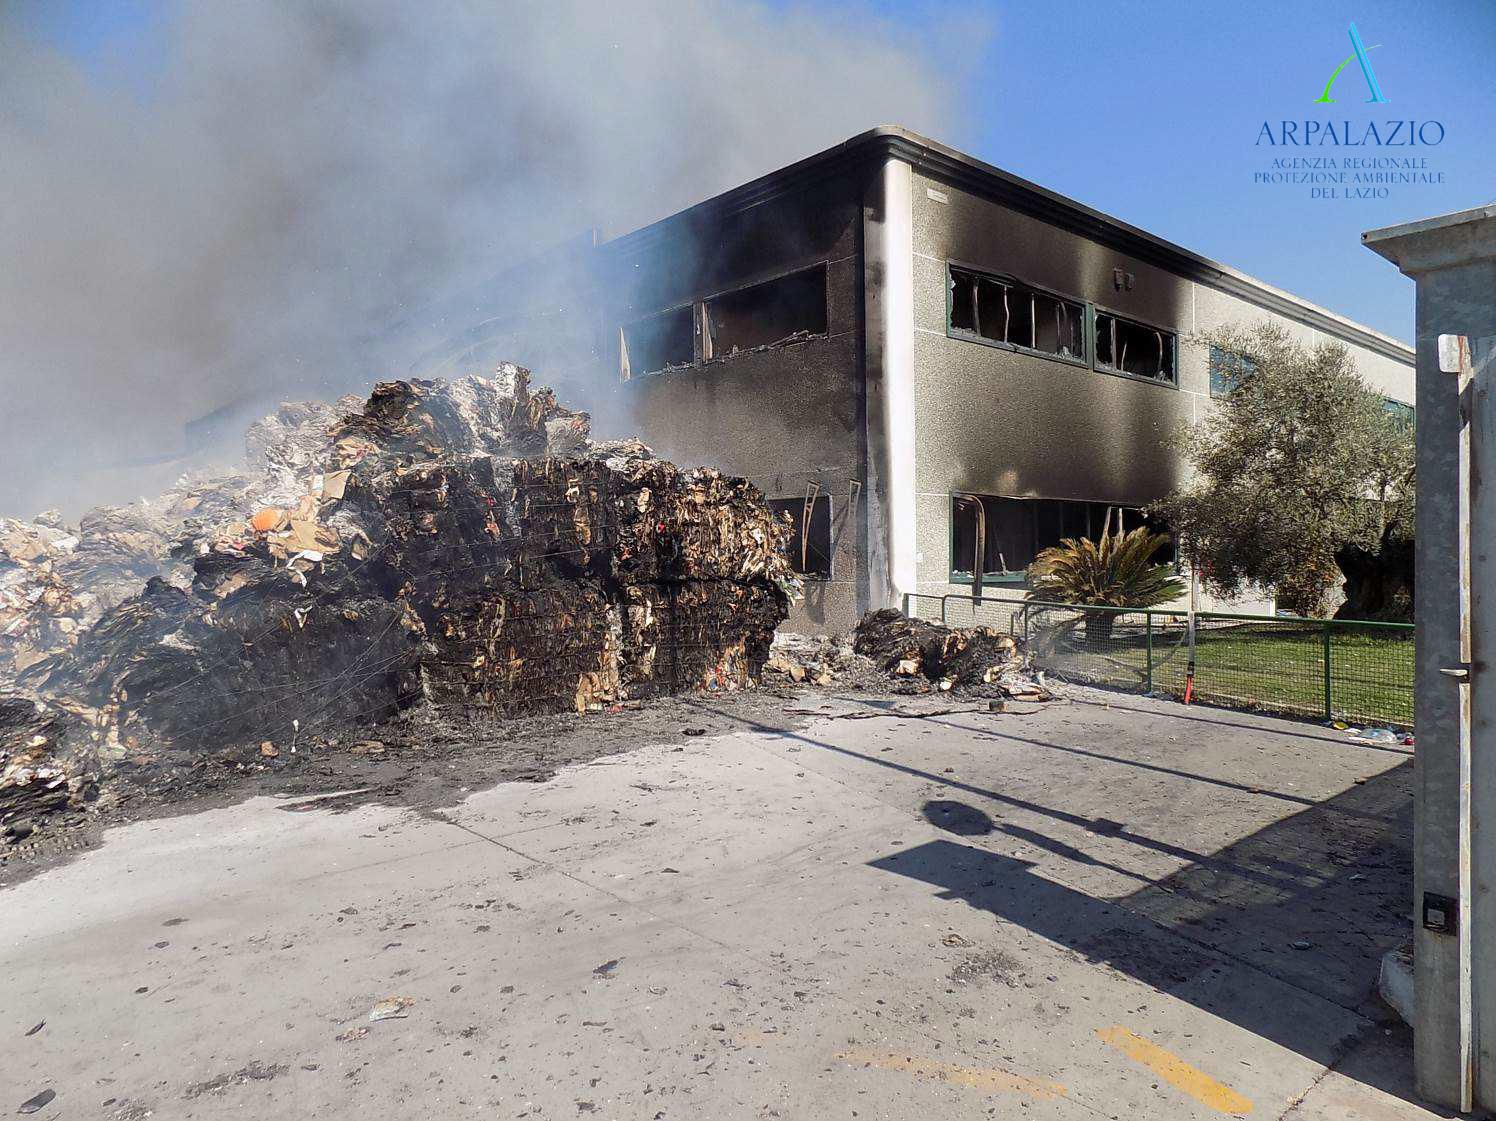 Loas dopo l'incendio